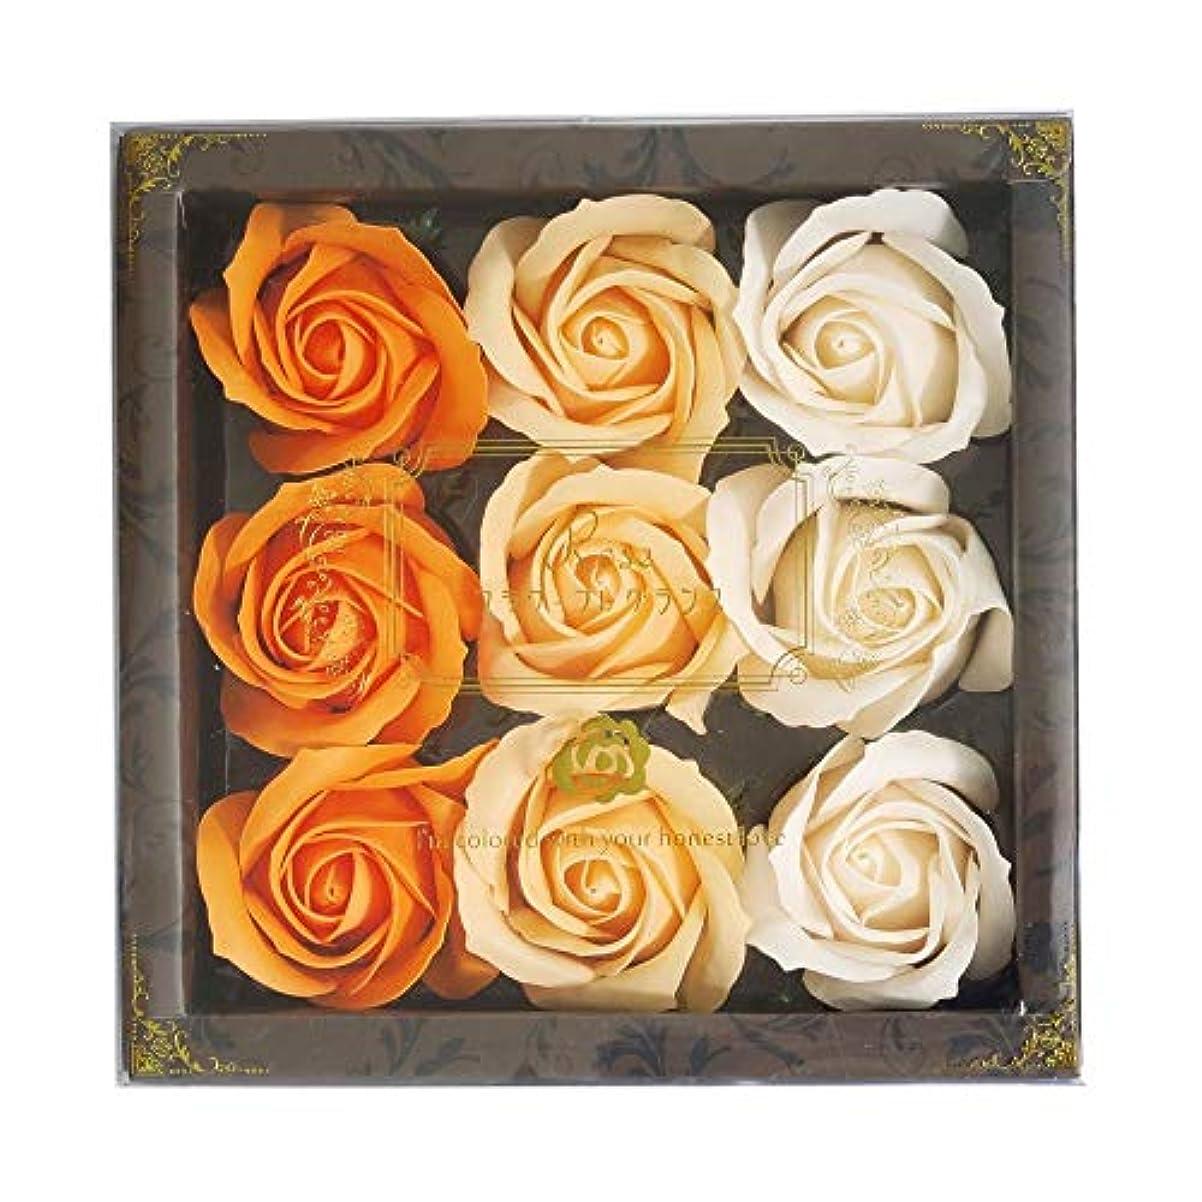 アート白雪姫チャンピオンシップ花のカタチの入浴料 ローズ バスフレグランス フラワーフレグランス バスフラワー (オレンジ)